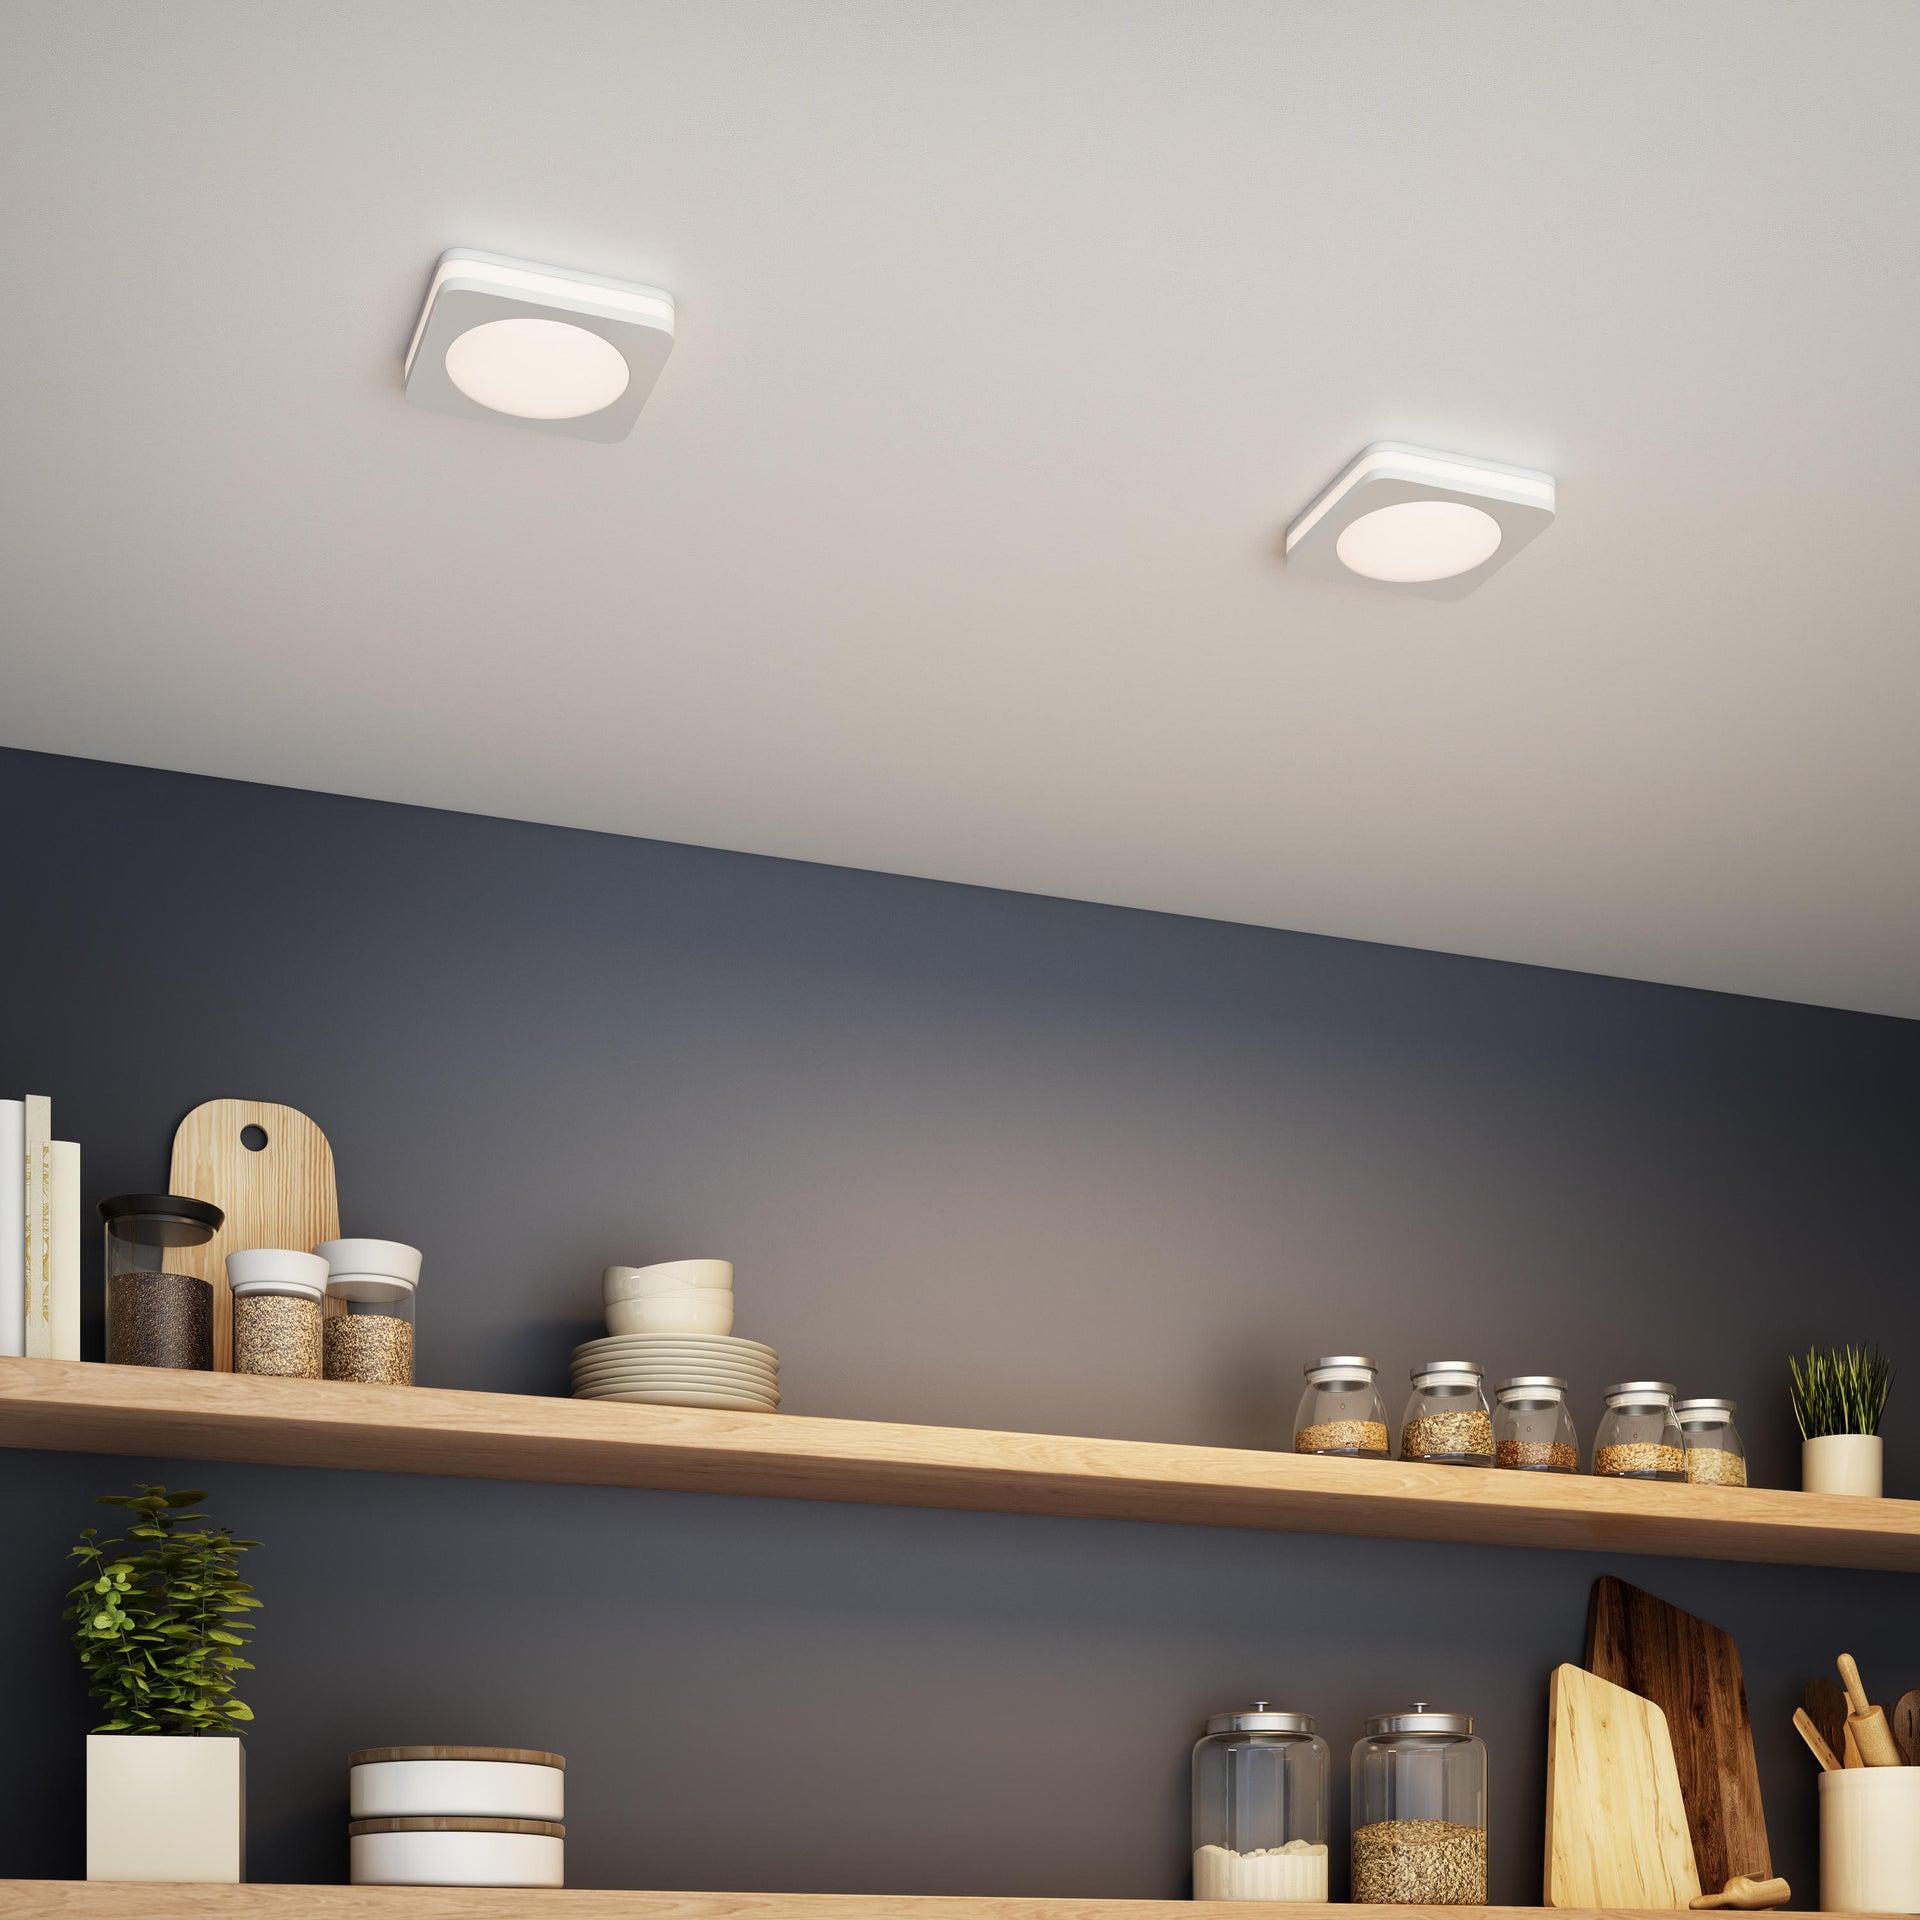 Faretto fisso da incasso quadrato Albina in Alluminio bianco, 8x8cm Diodi LED integrati 6W IP20 INSPIRE - 4